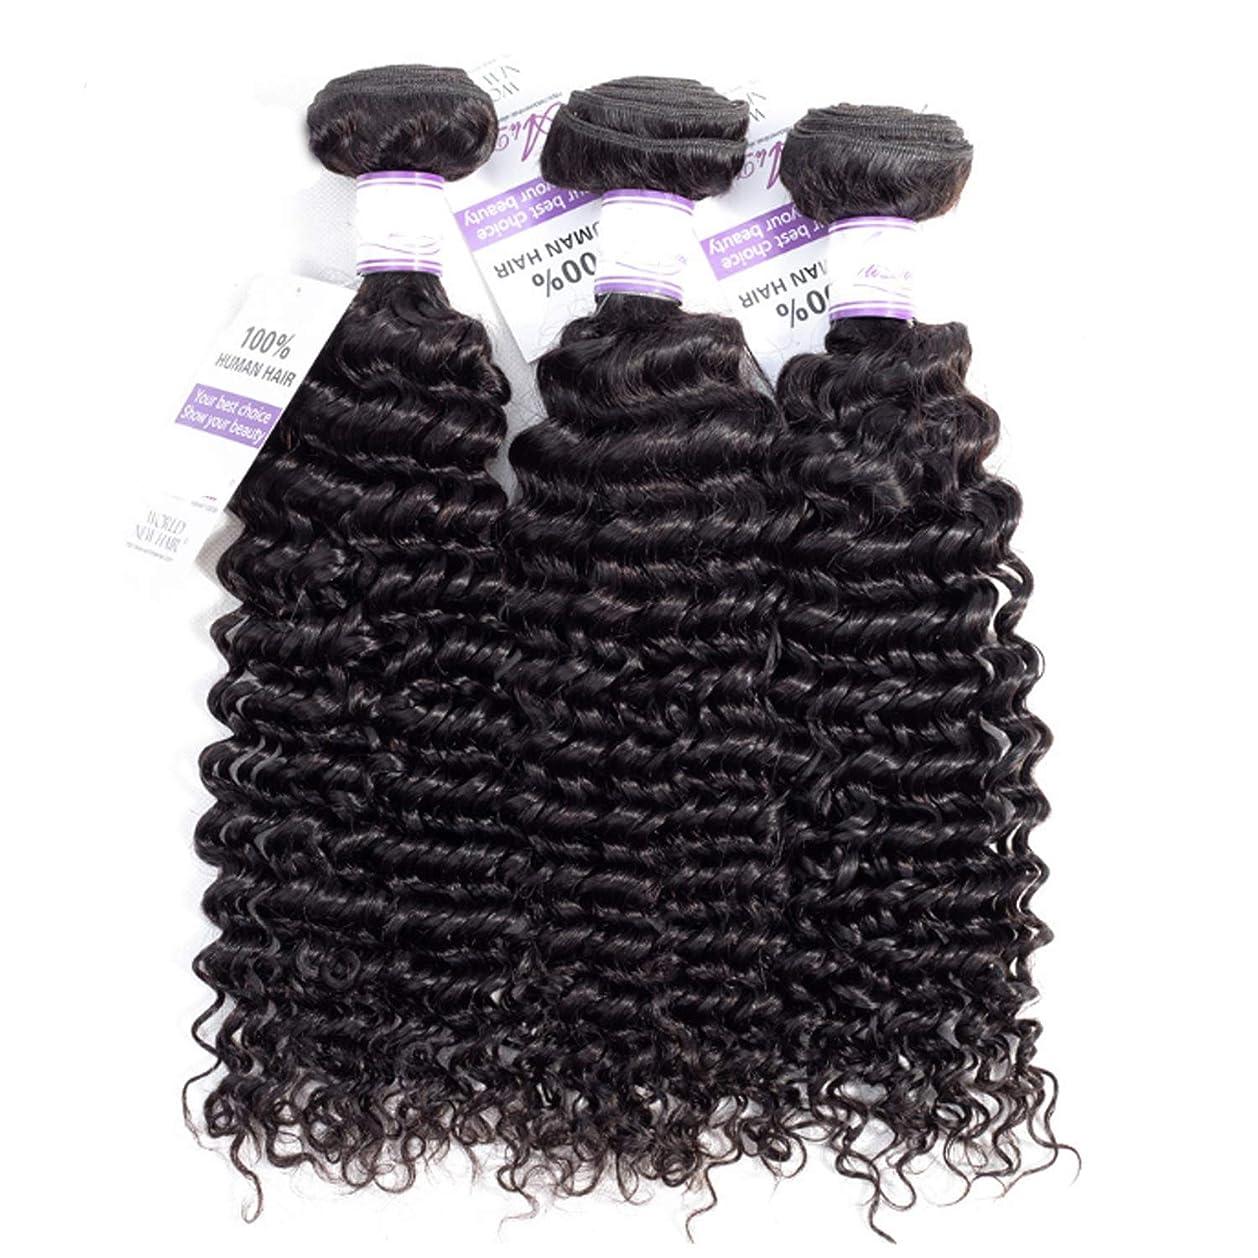 ジャンピングジャック気付く吐くブラジルのディープウェーブヘア織りバンドル100%人毛製織ナチュラルカラー非レミー髪は3個購入することができます かつら (Stretched Length : 24 26 28 inches)